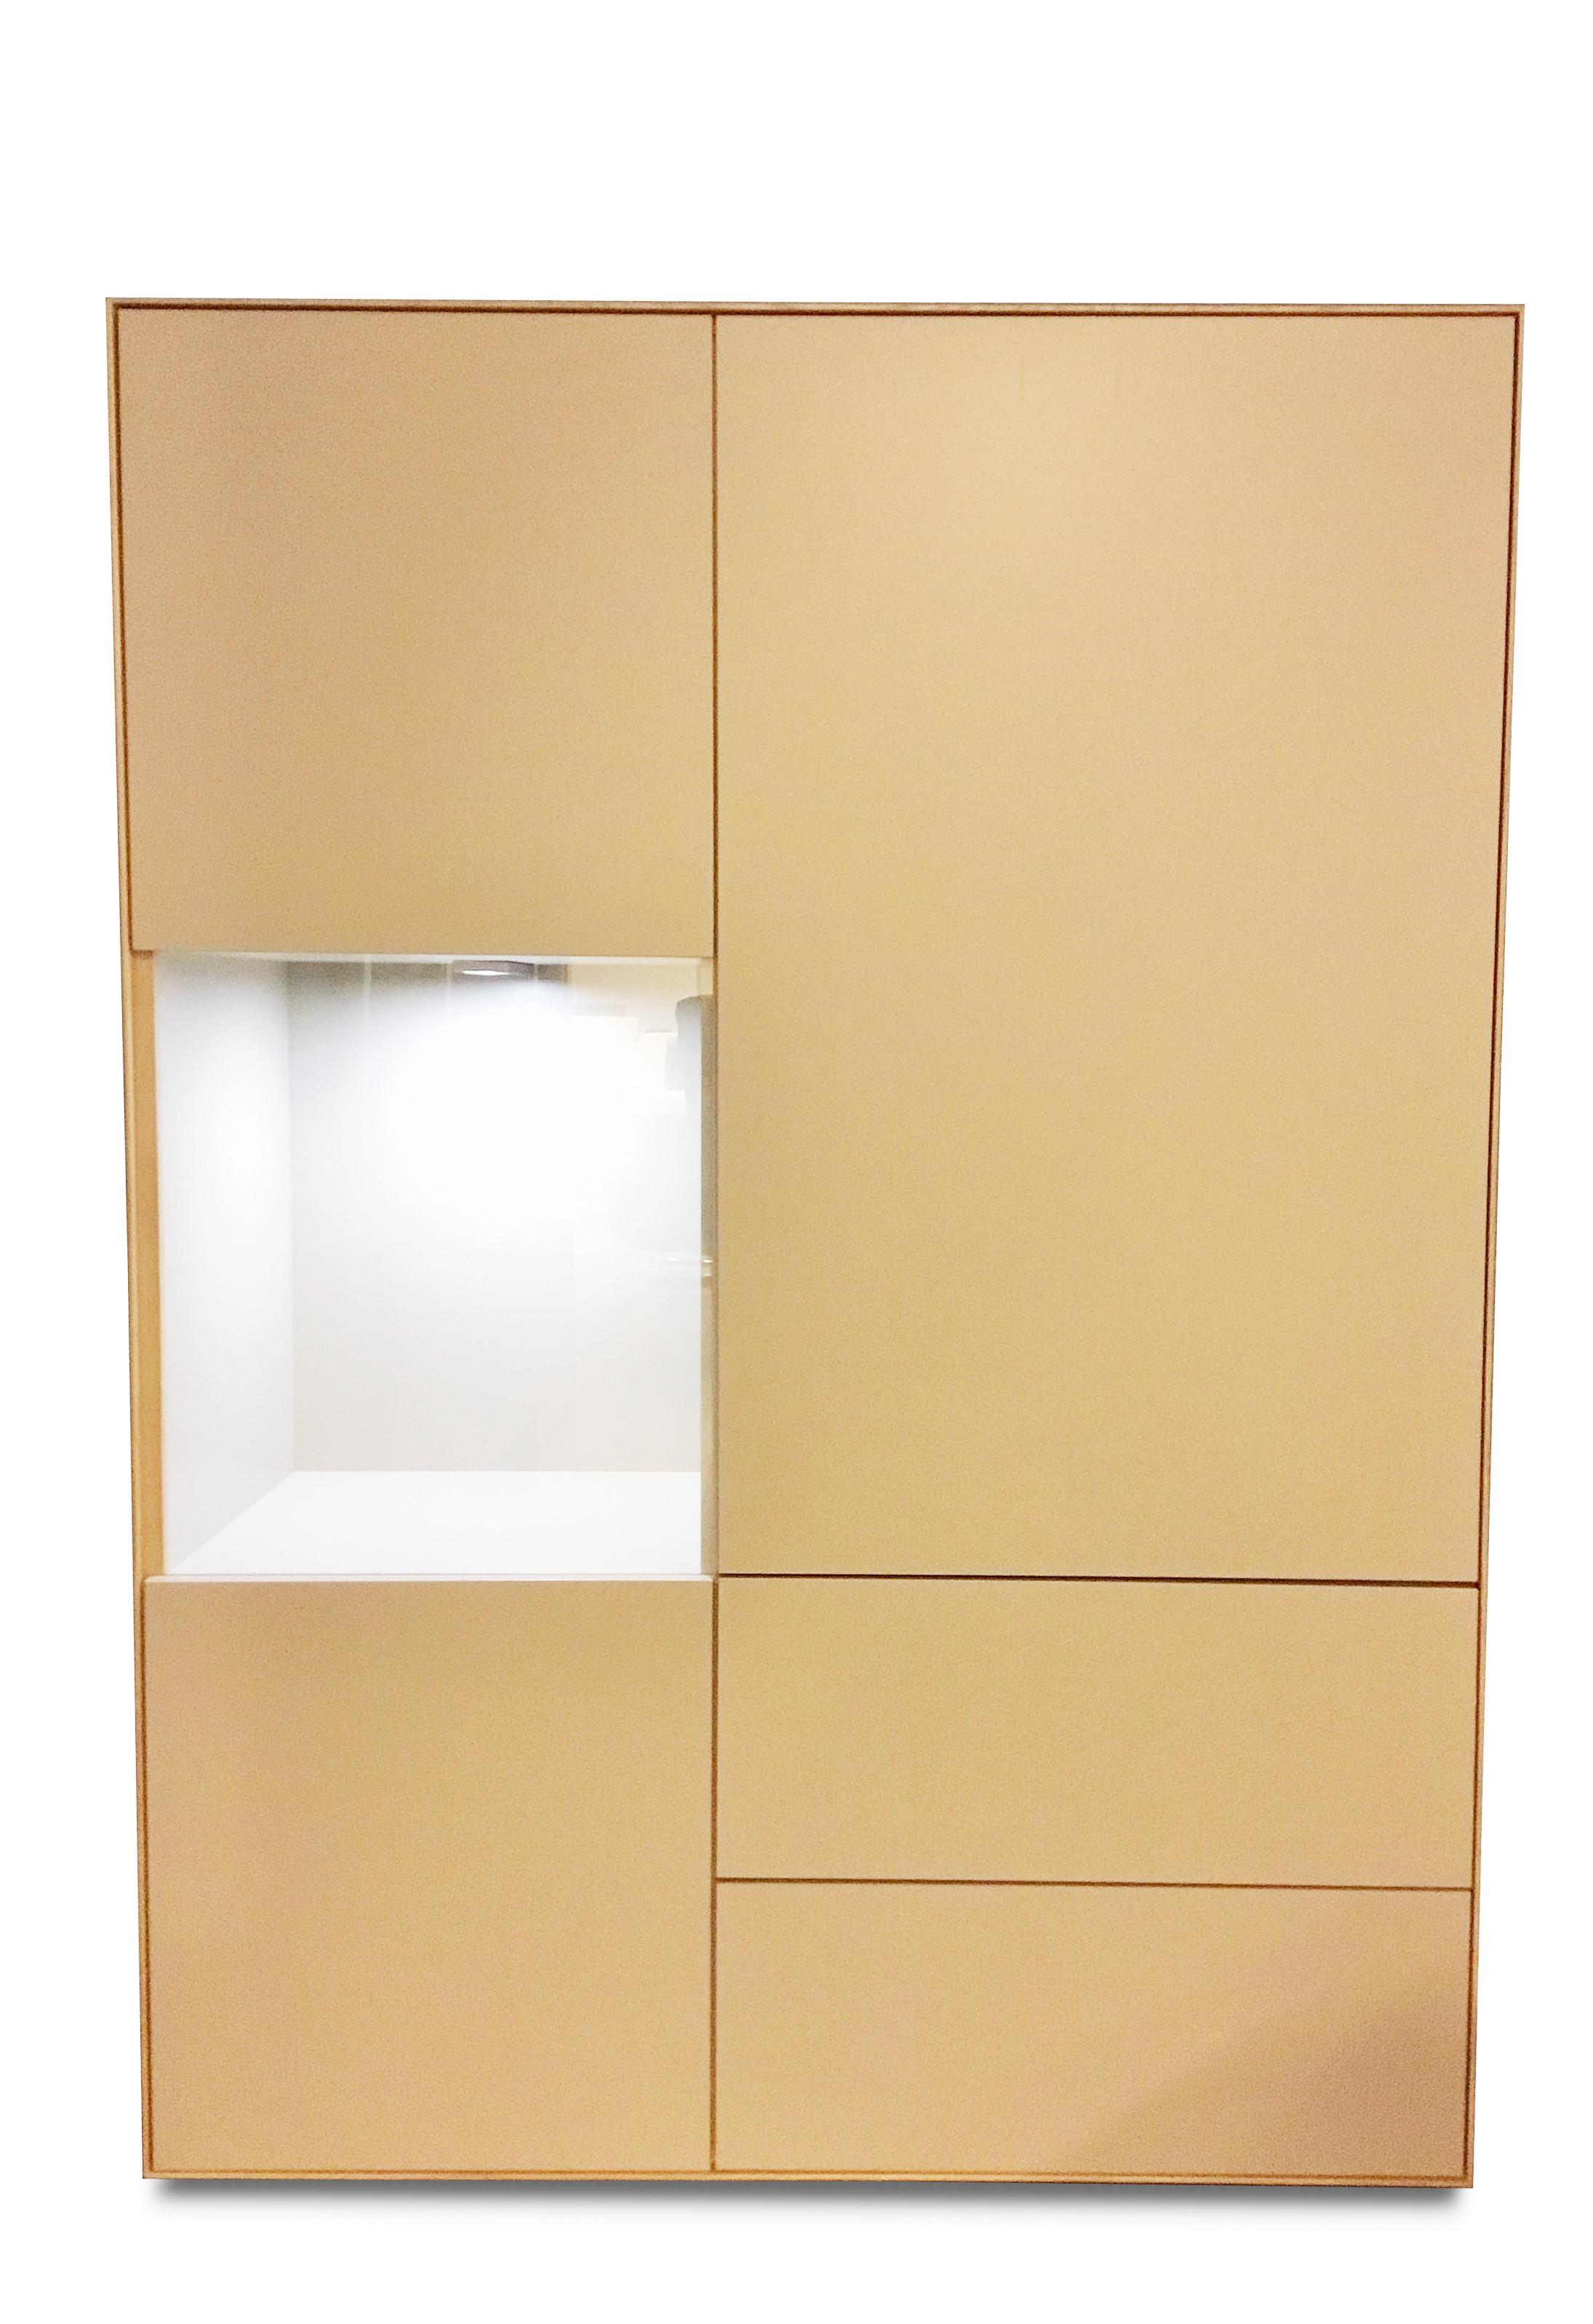 Schöner Wohnen / Sideboard Patchwork grau/Palazzo 06